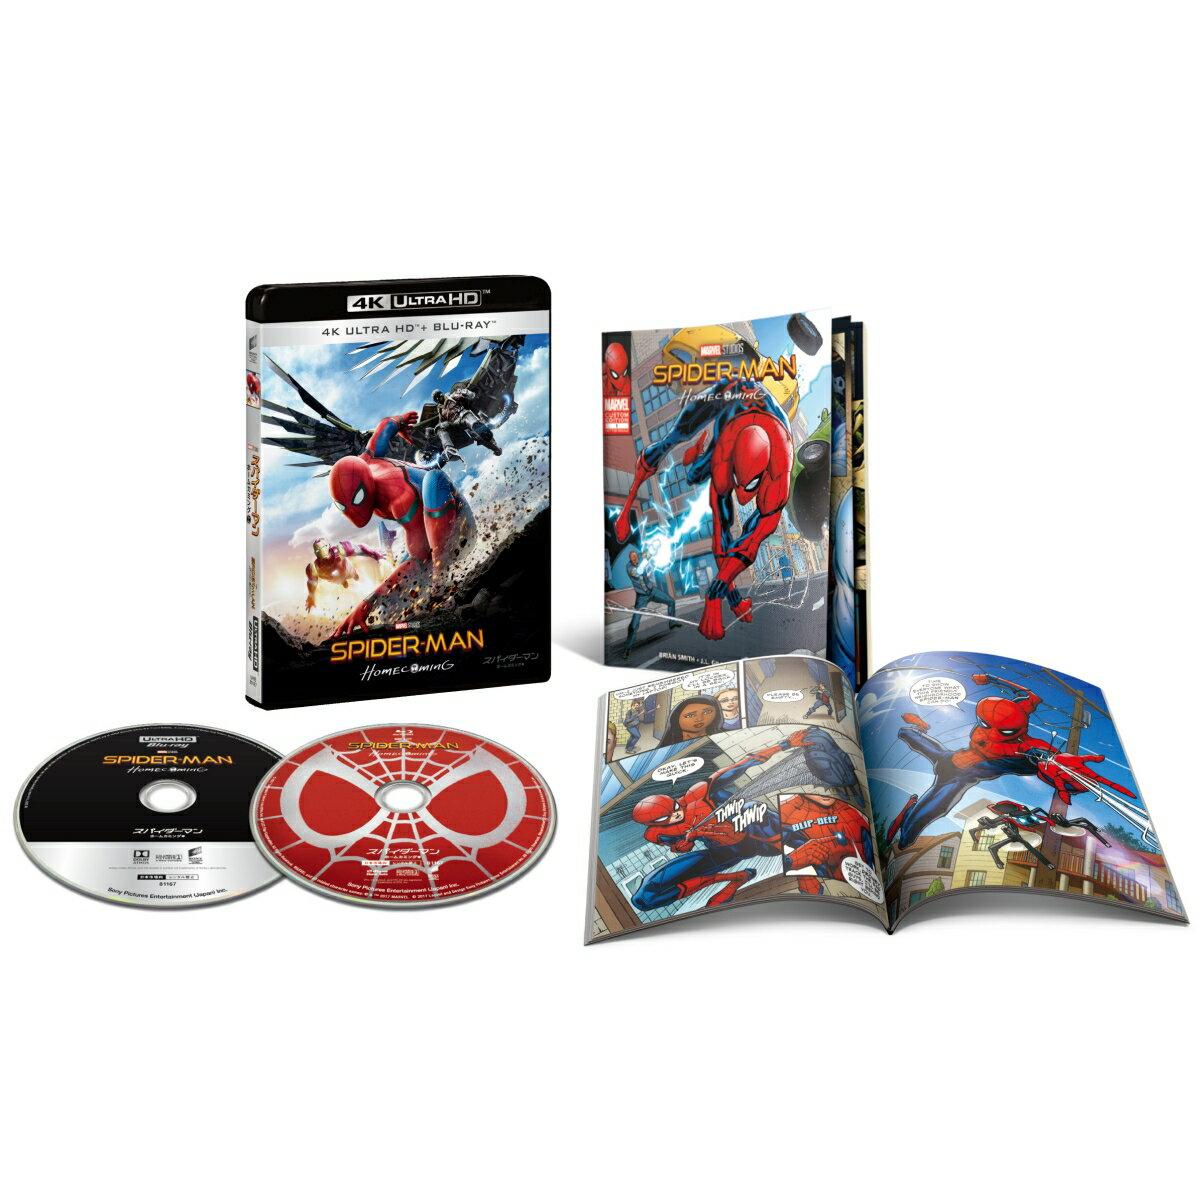 スパイダーマン:ホームカミング 4K ULTRA HD & ブルーレイセット(初回生産限定)【4K ULTRA HD】